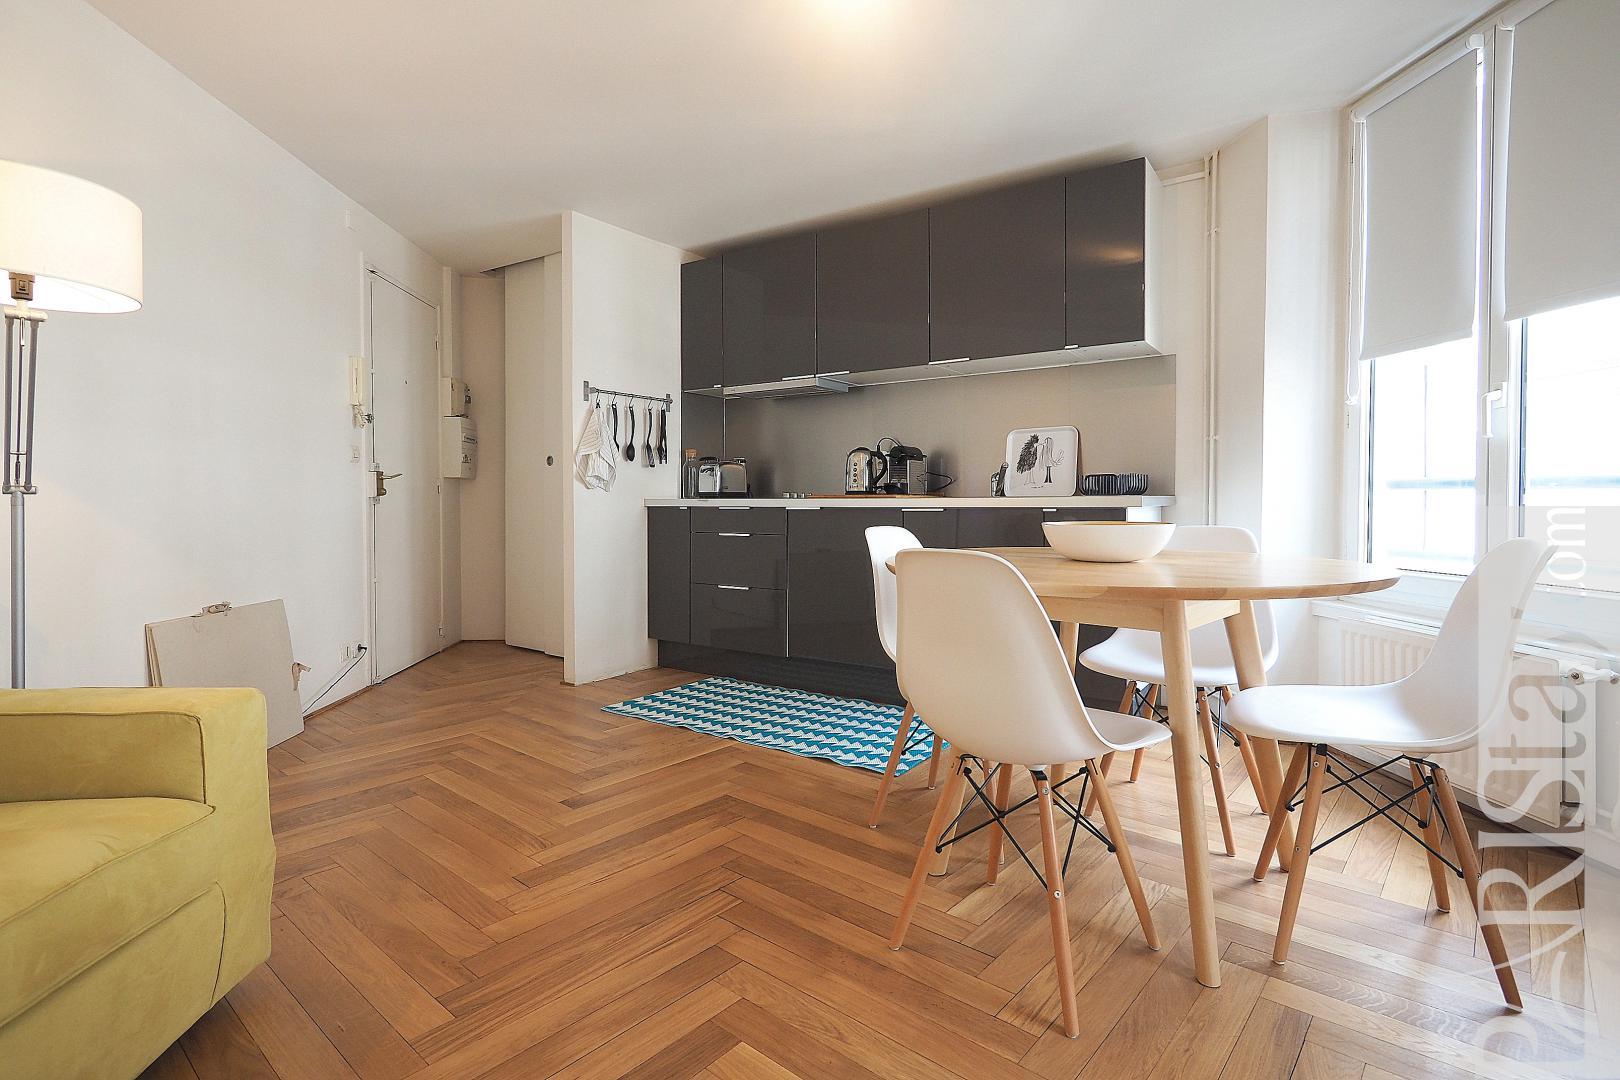 Location appartement paris t2 meubl pr s de la gare saint lazare - Location appartement paris meuble ...